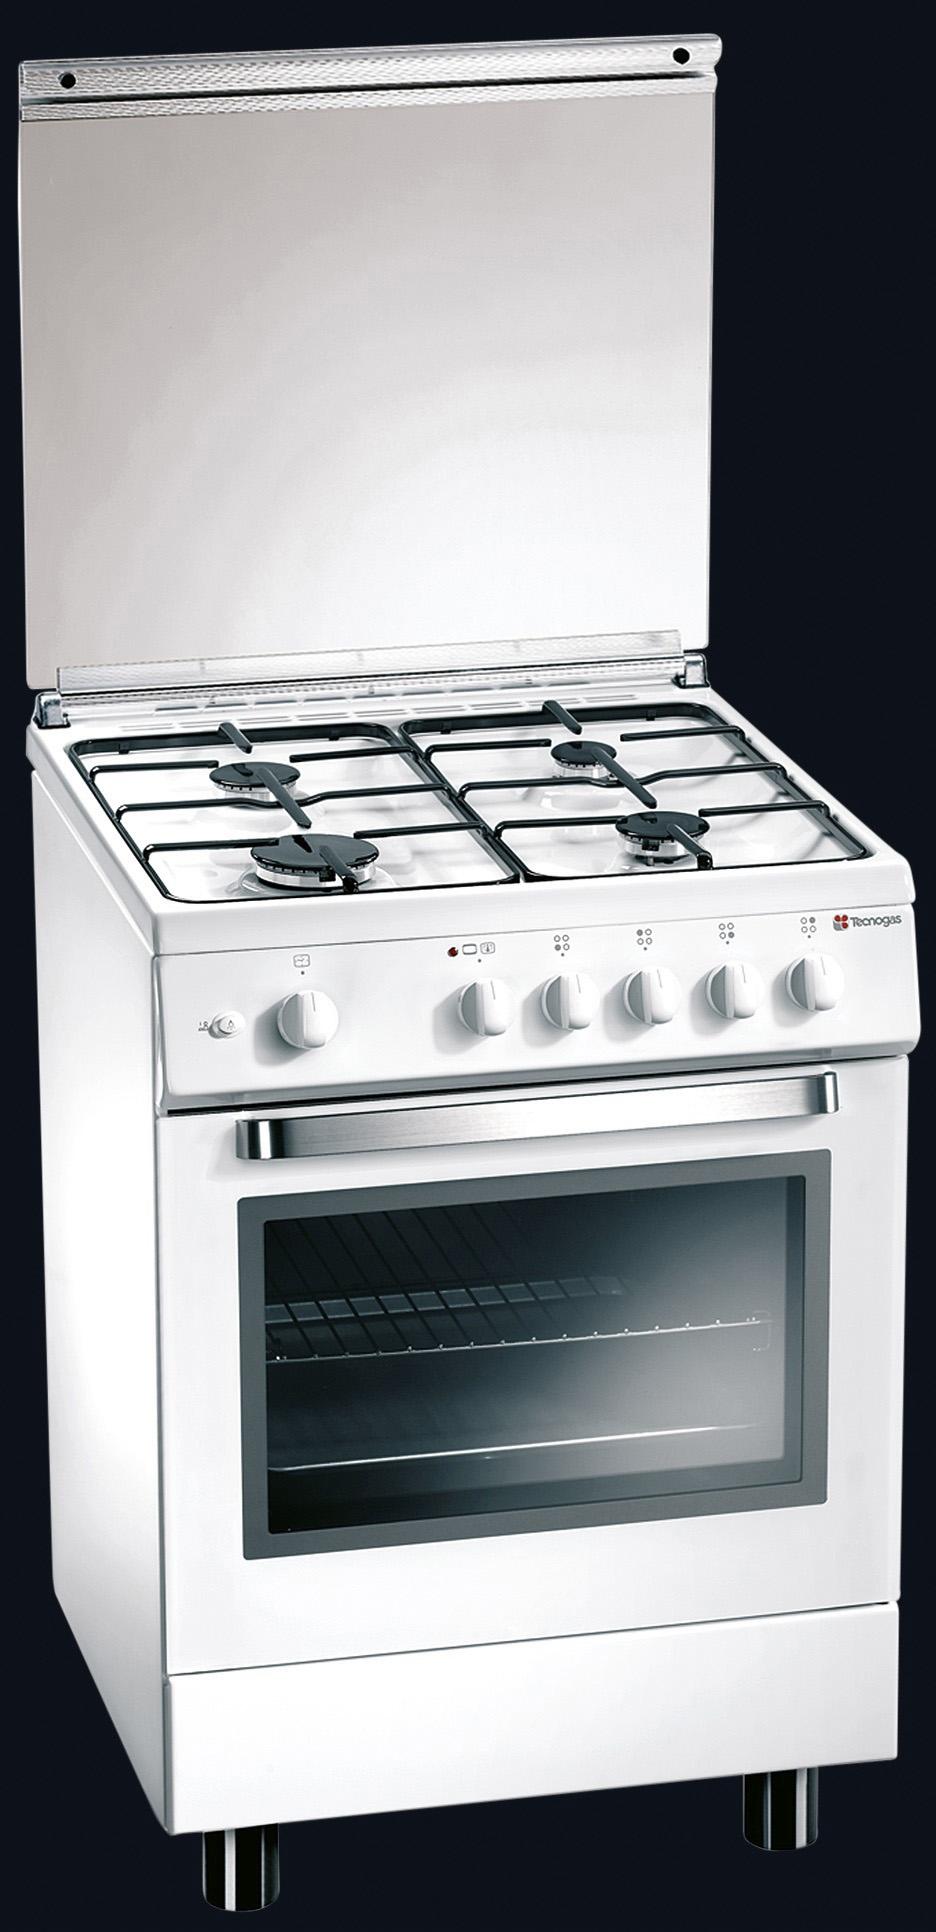 Tecnogas cucina a gas 4 fuochi forno elettrico multifunzione ventilato con grill larghezza x - Cucina con forno ventilato ...